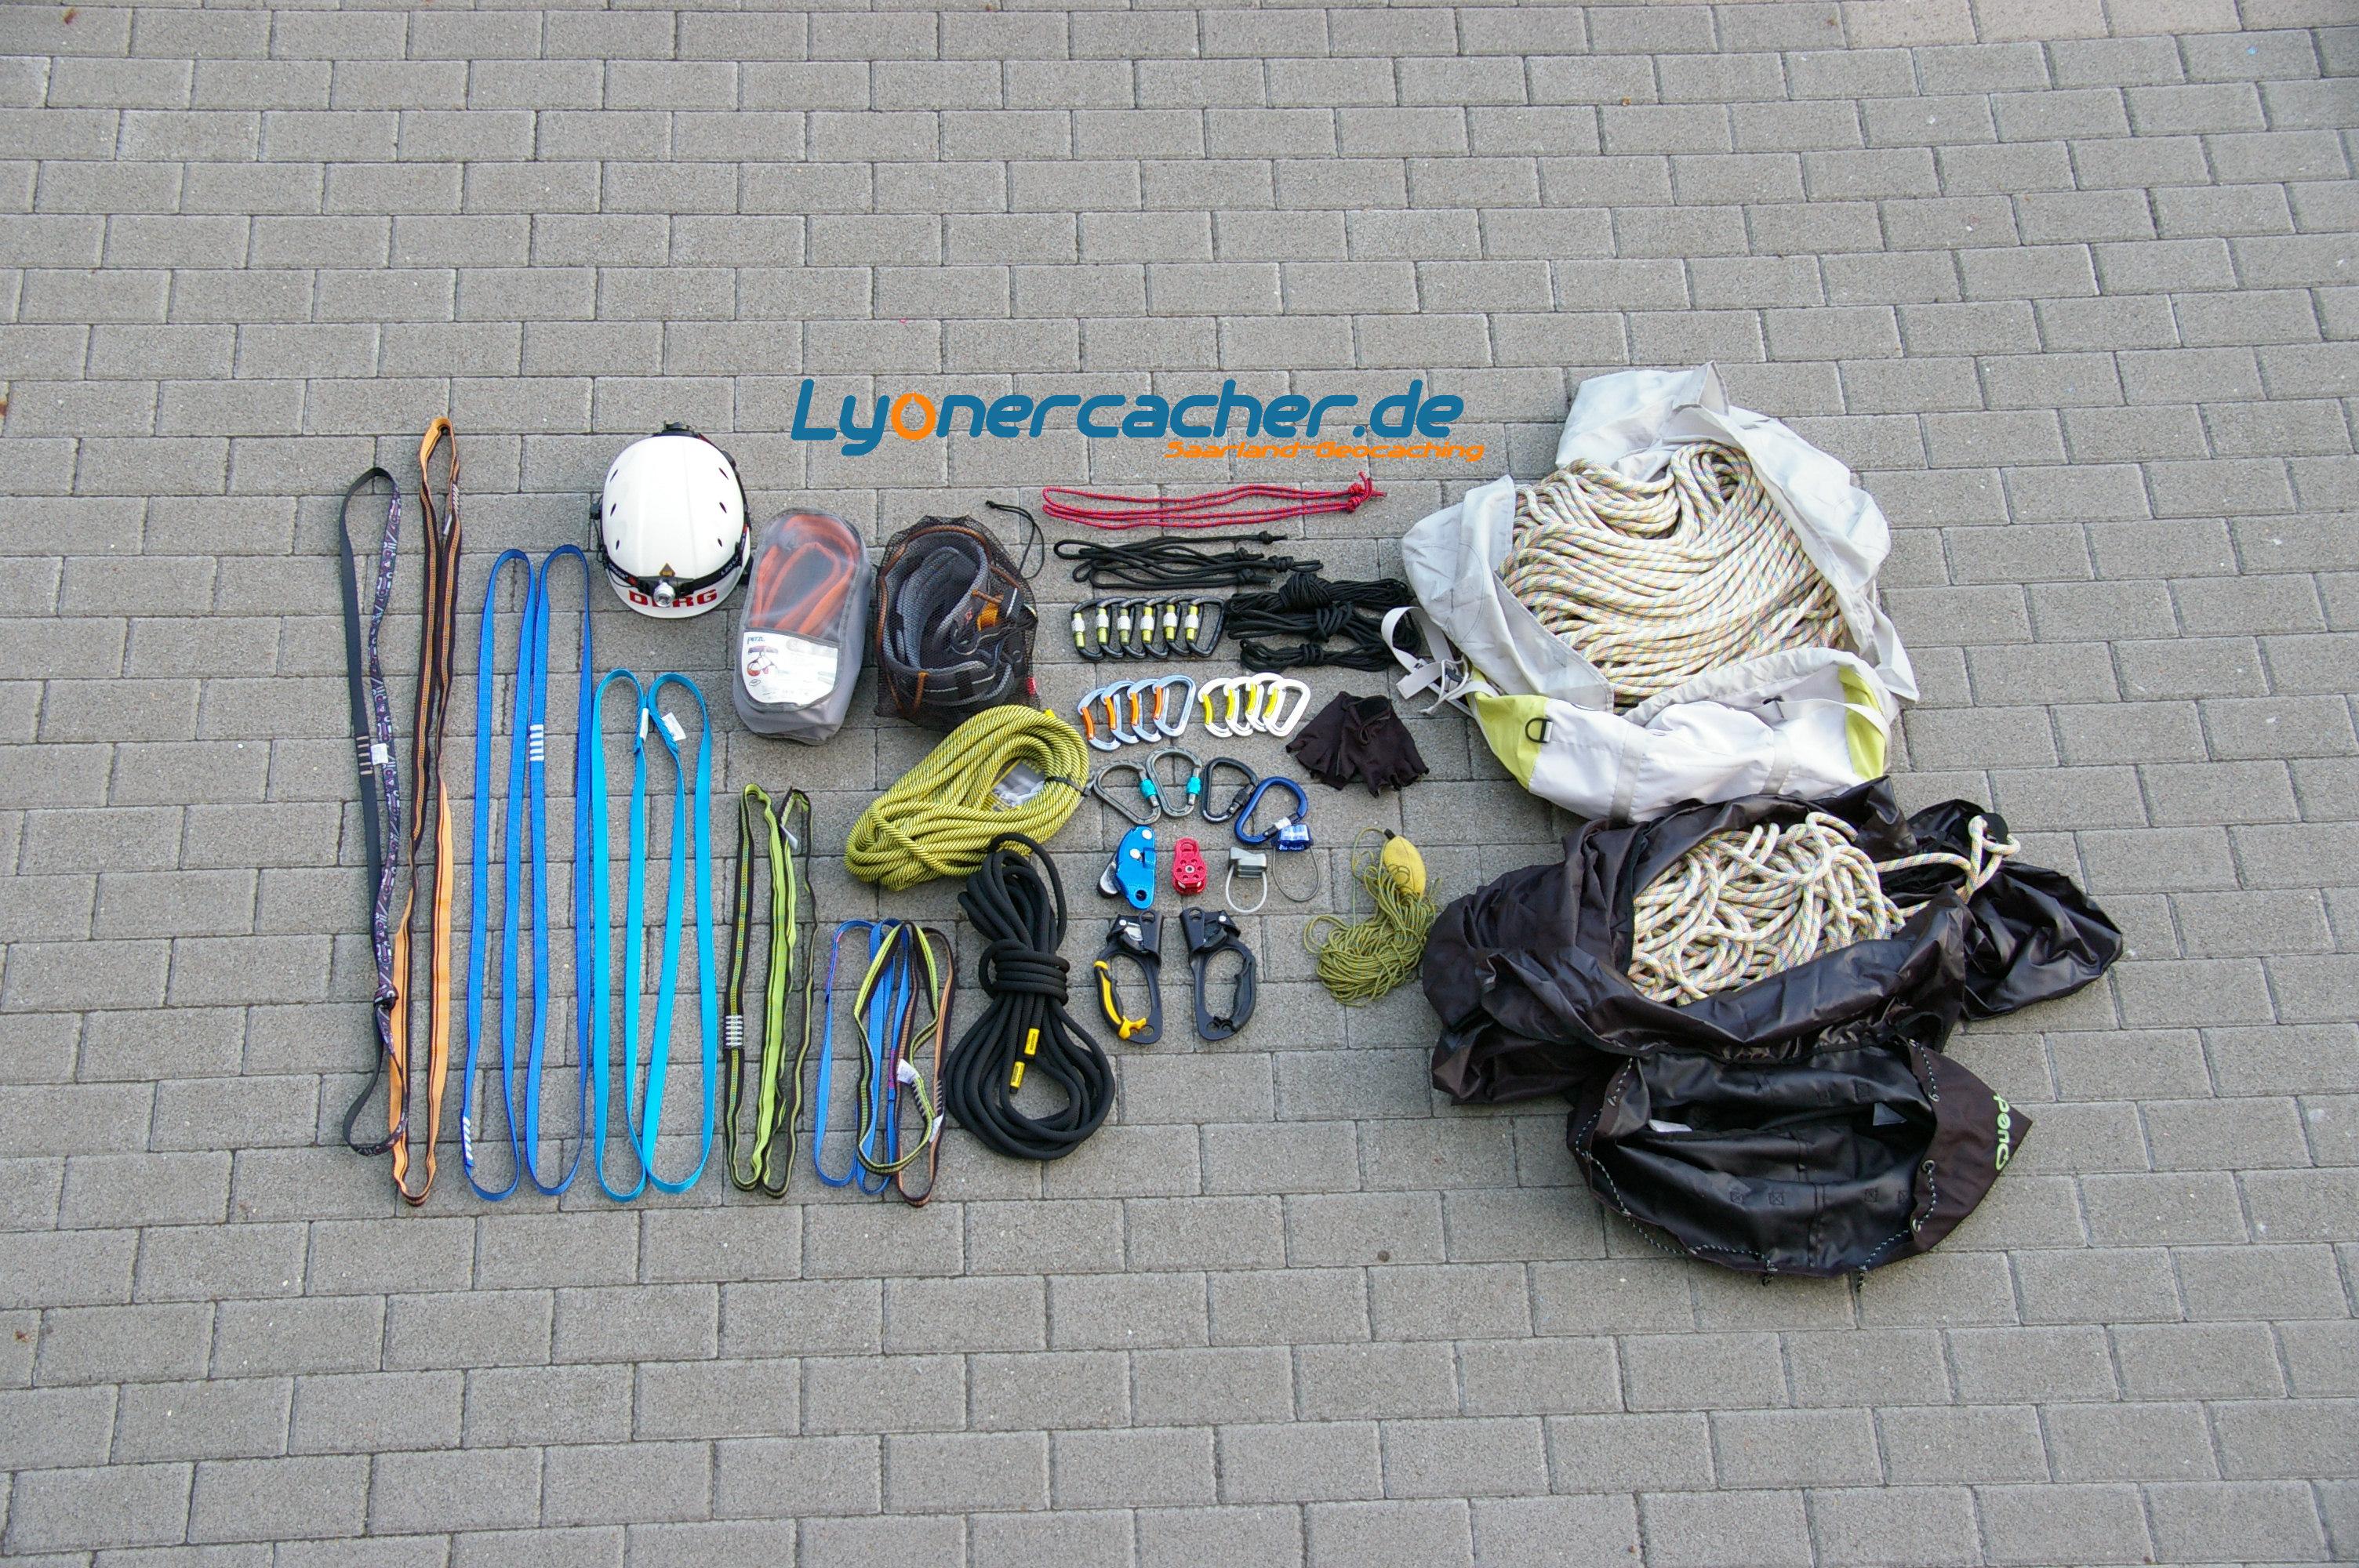 Kletterausrüstung T5 : T5 kletterausrüstung u2013 hier mein setup team dob & dobine